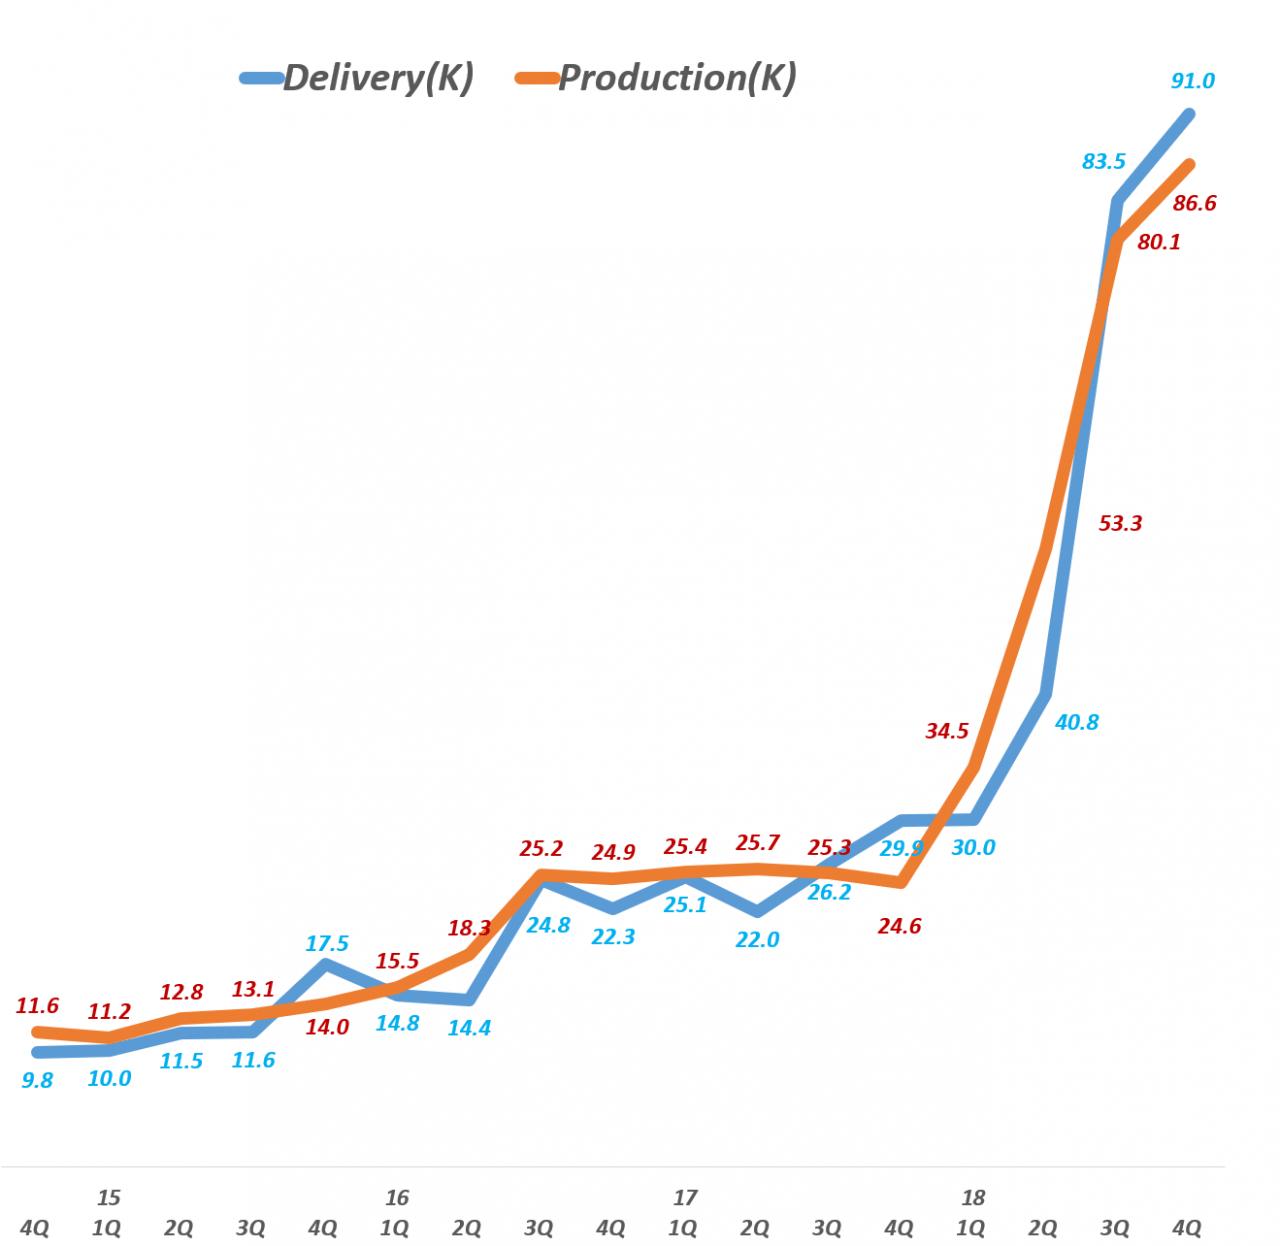 테슬라 분기별 자동차 생산량 및 자동차 배송량 추이 Tesla production & delivery(~Q4 2018), Graph by Happist